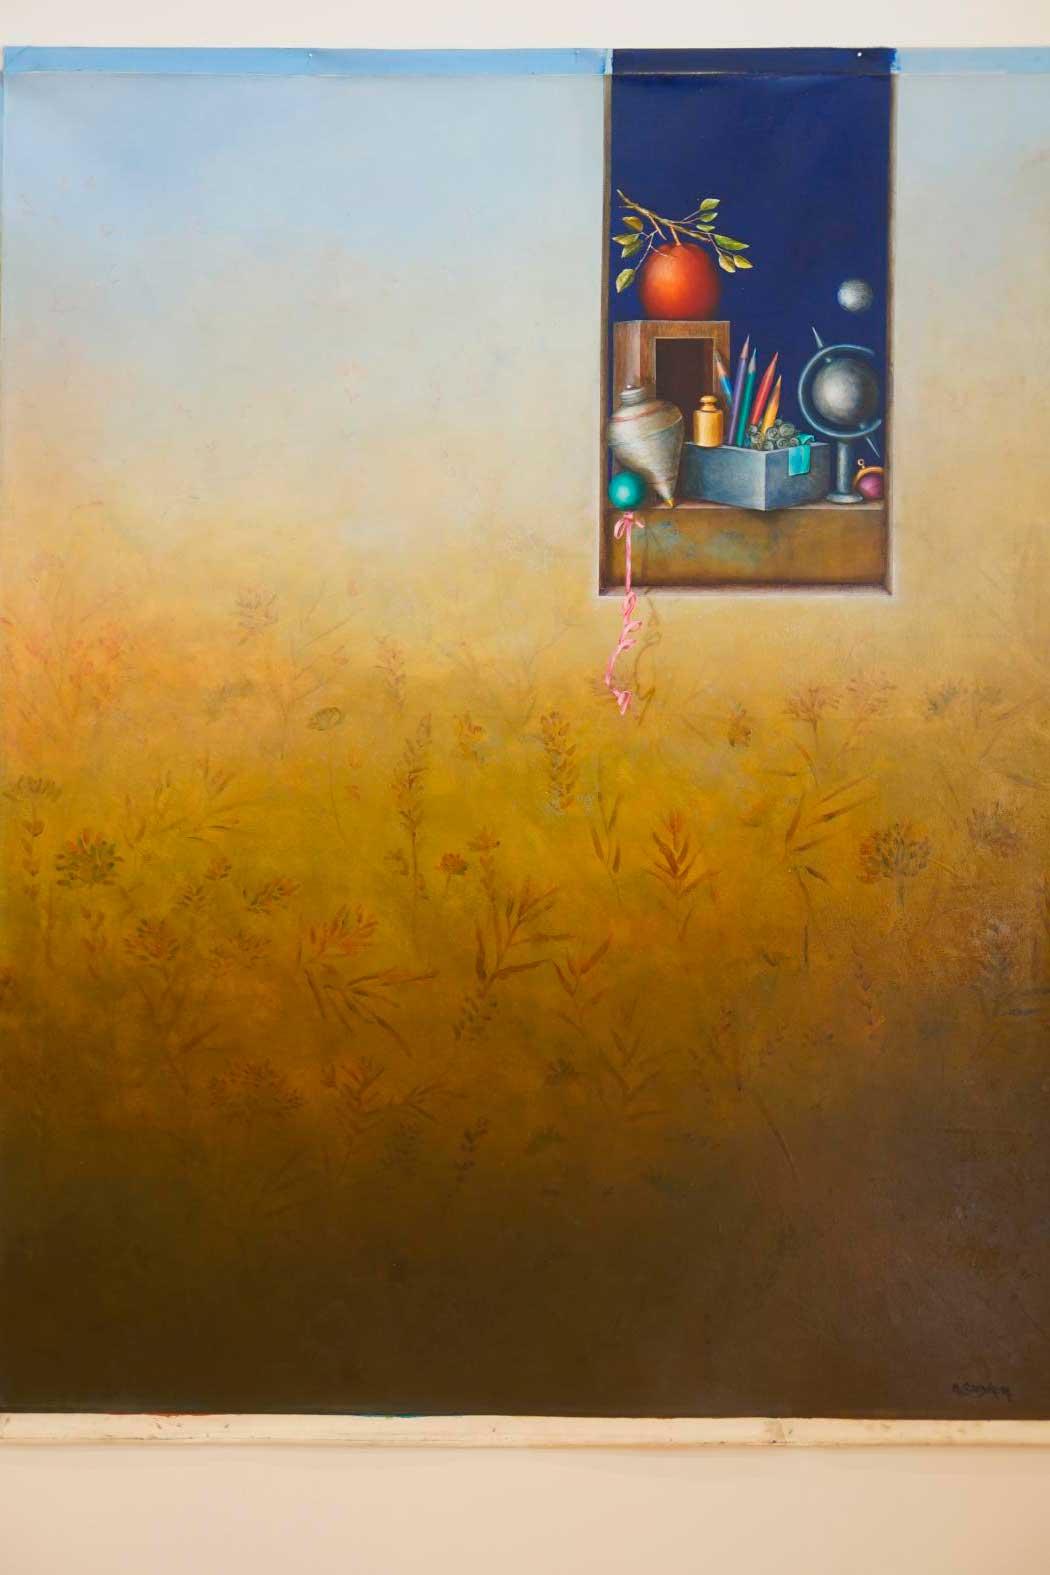 ventana con paisaje y objetos